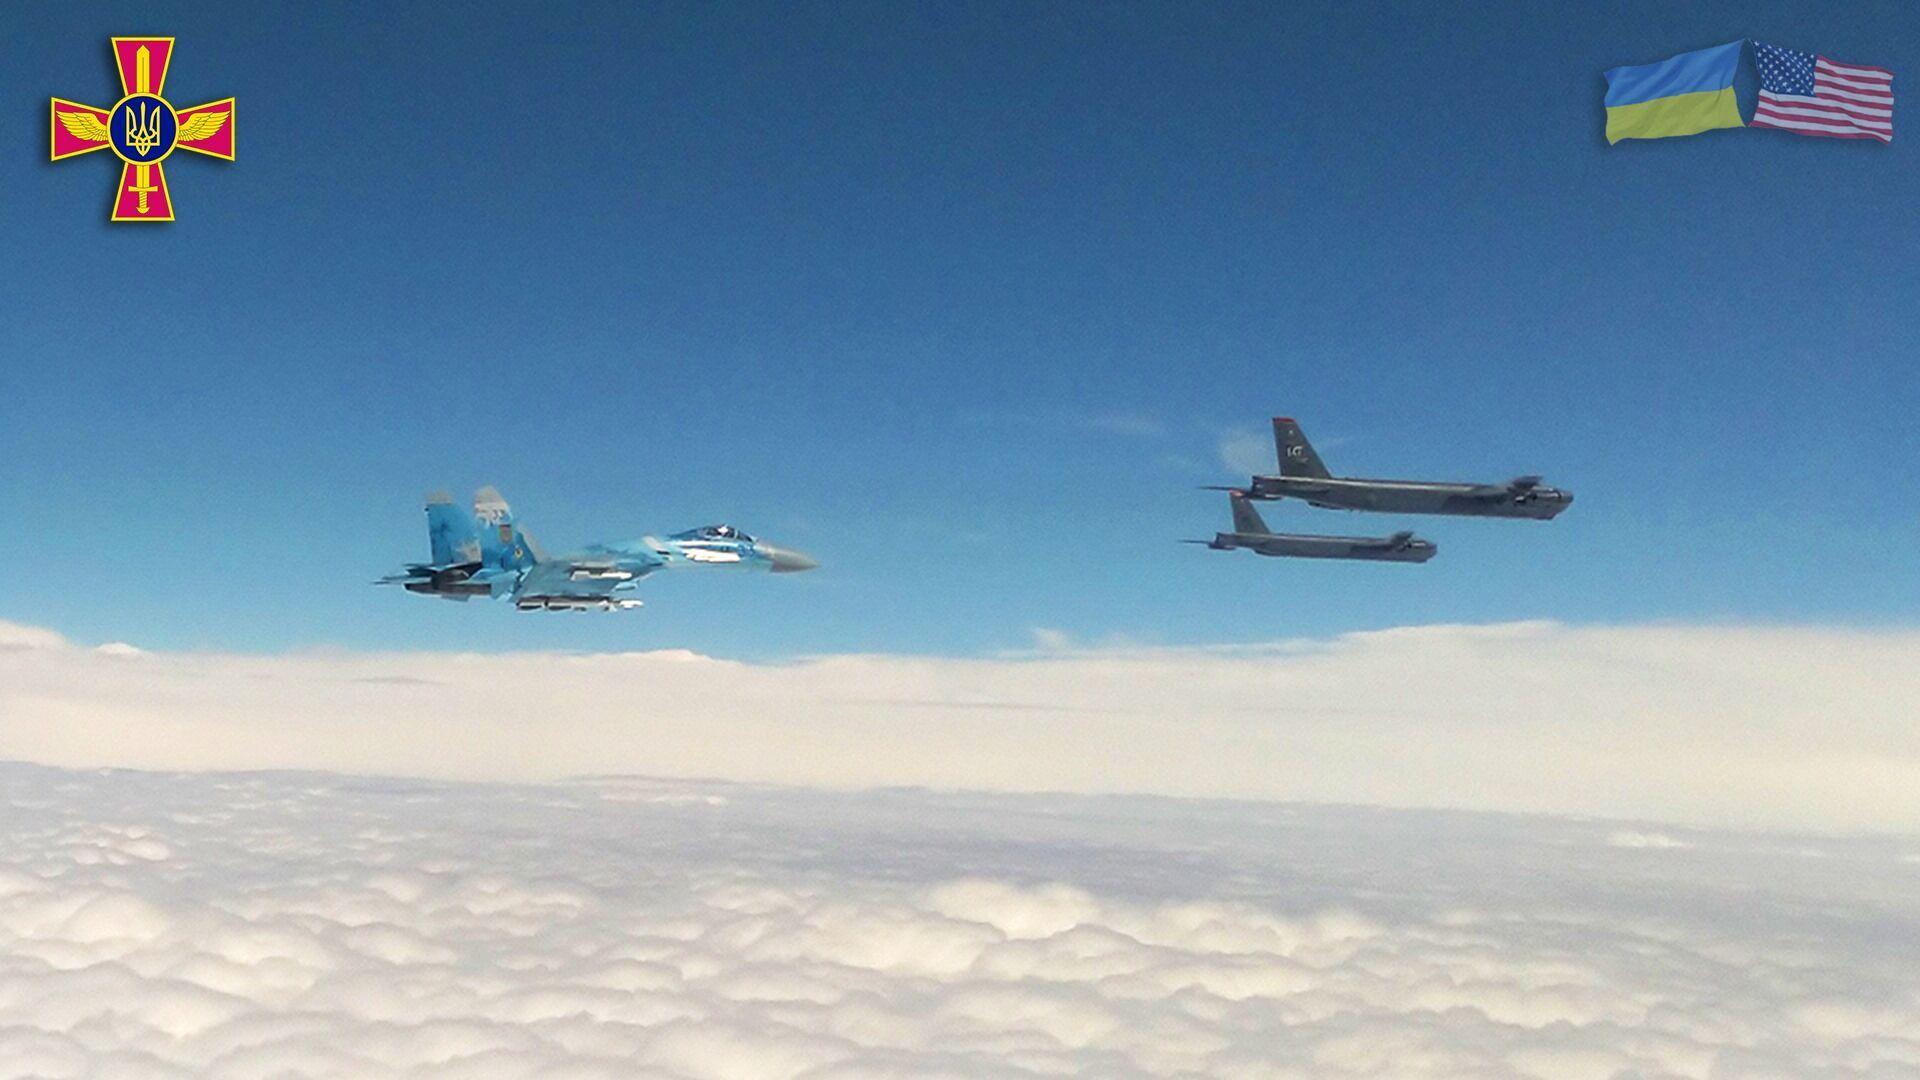 Українські літаки супроводжують В-52H.